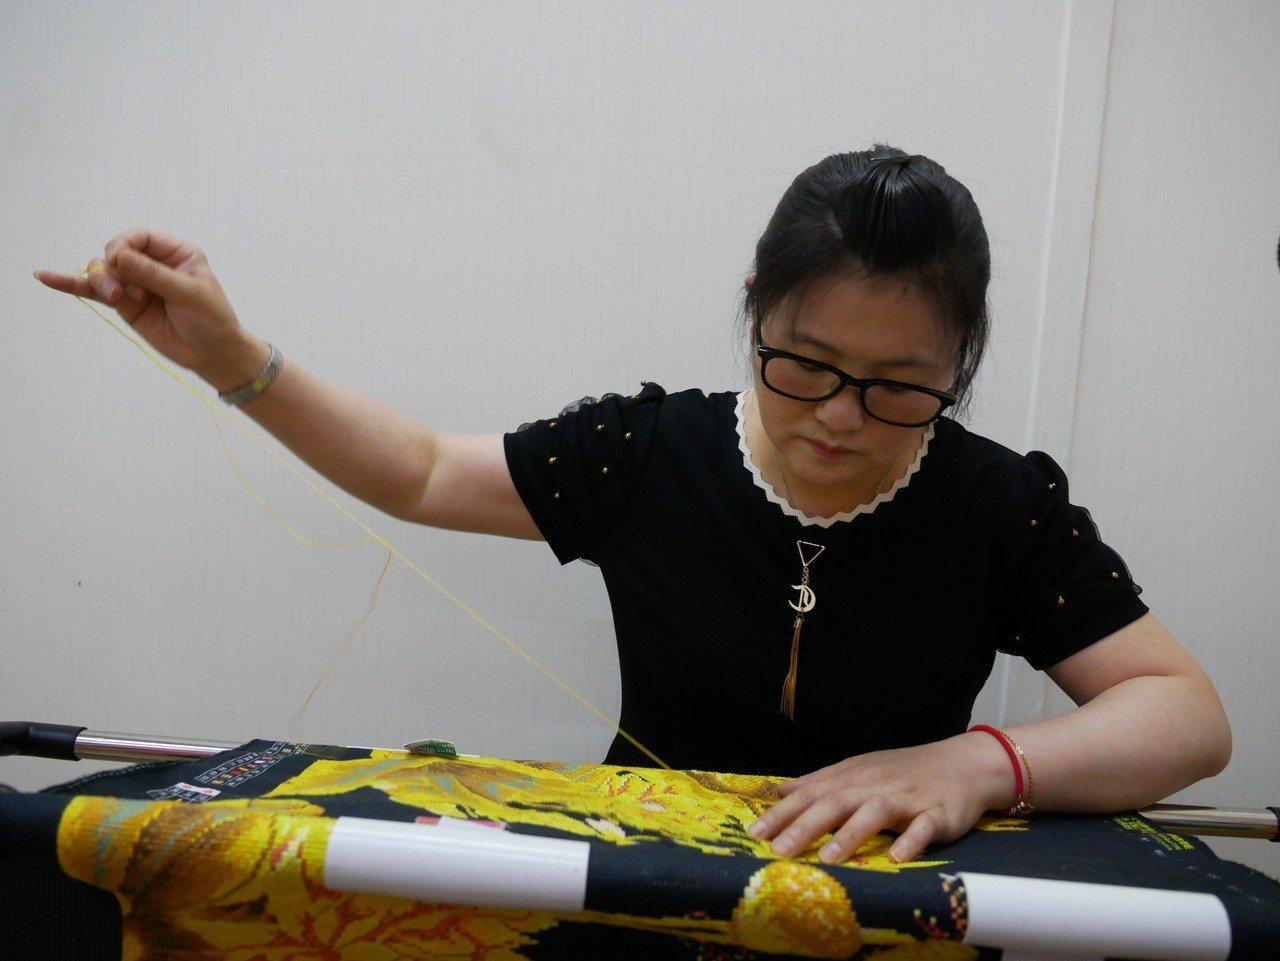 40幾歲的大陸四川新住民肖玉玲,從小隨母親學習十字繡,結婚後跟著老公到新北市三重...